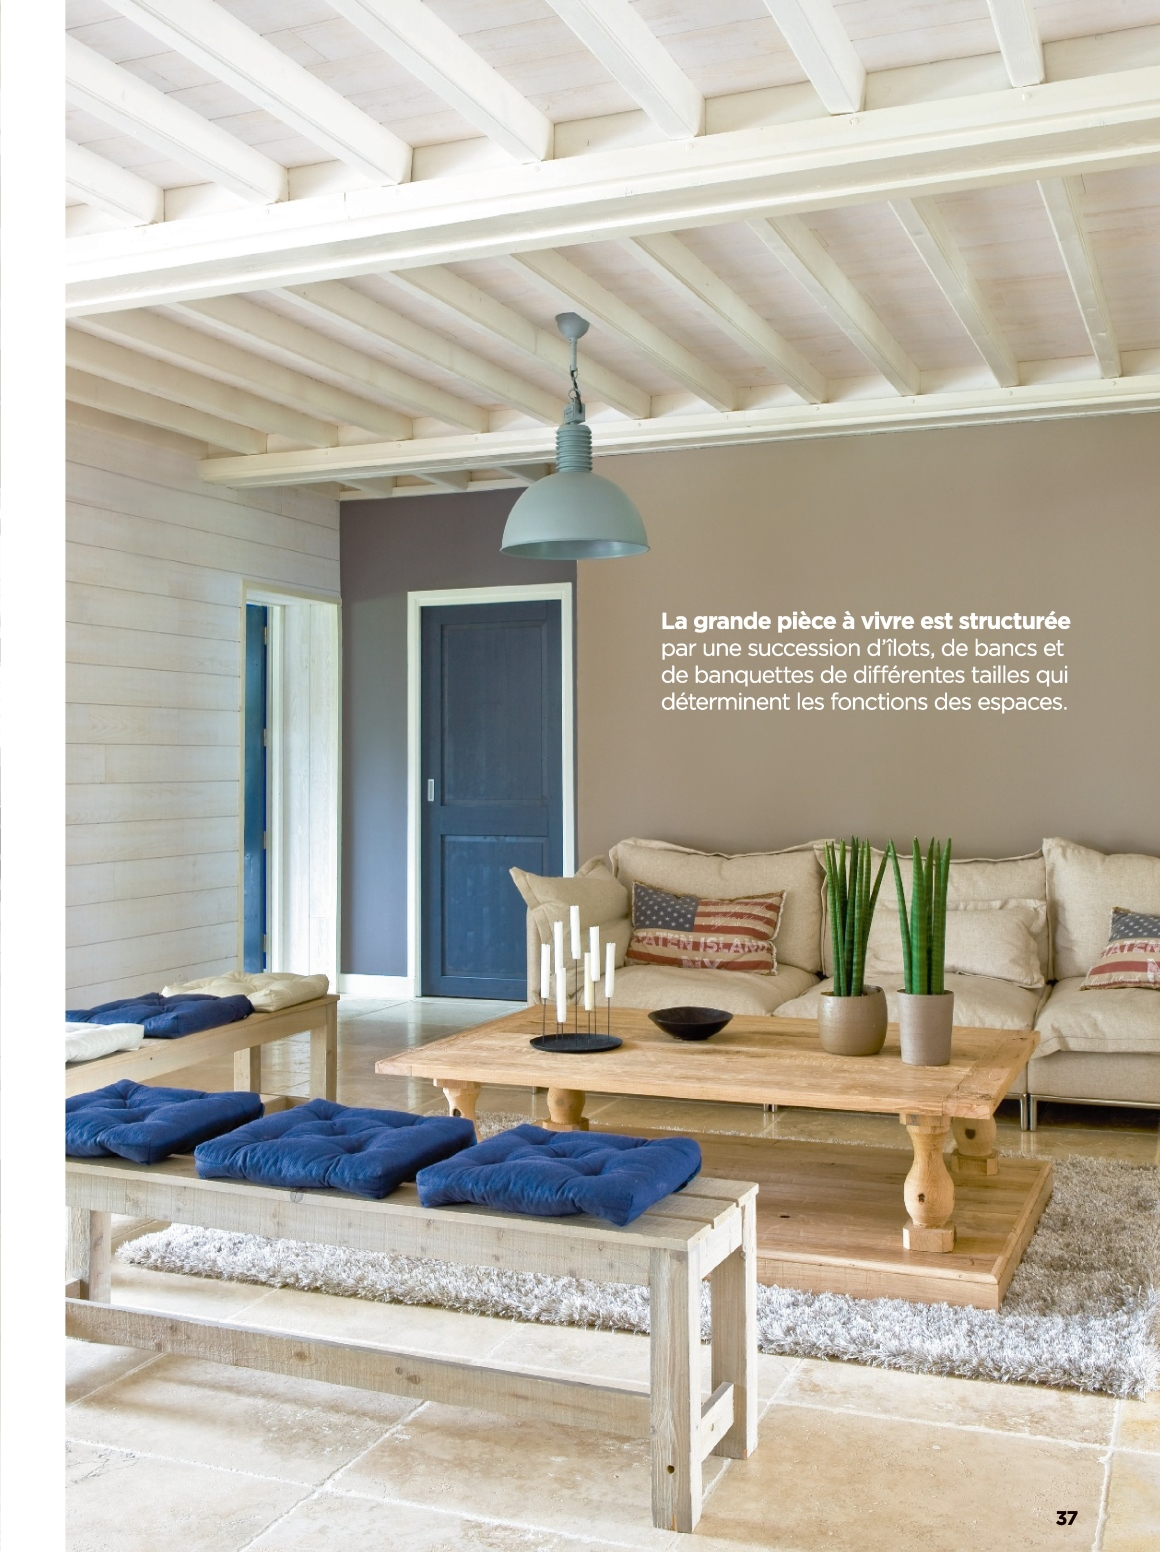 buro2deco-maison créative-n88 - juillet-aout 2015_Page_5